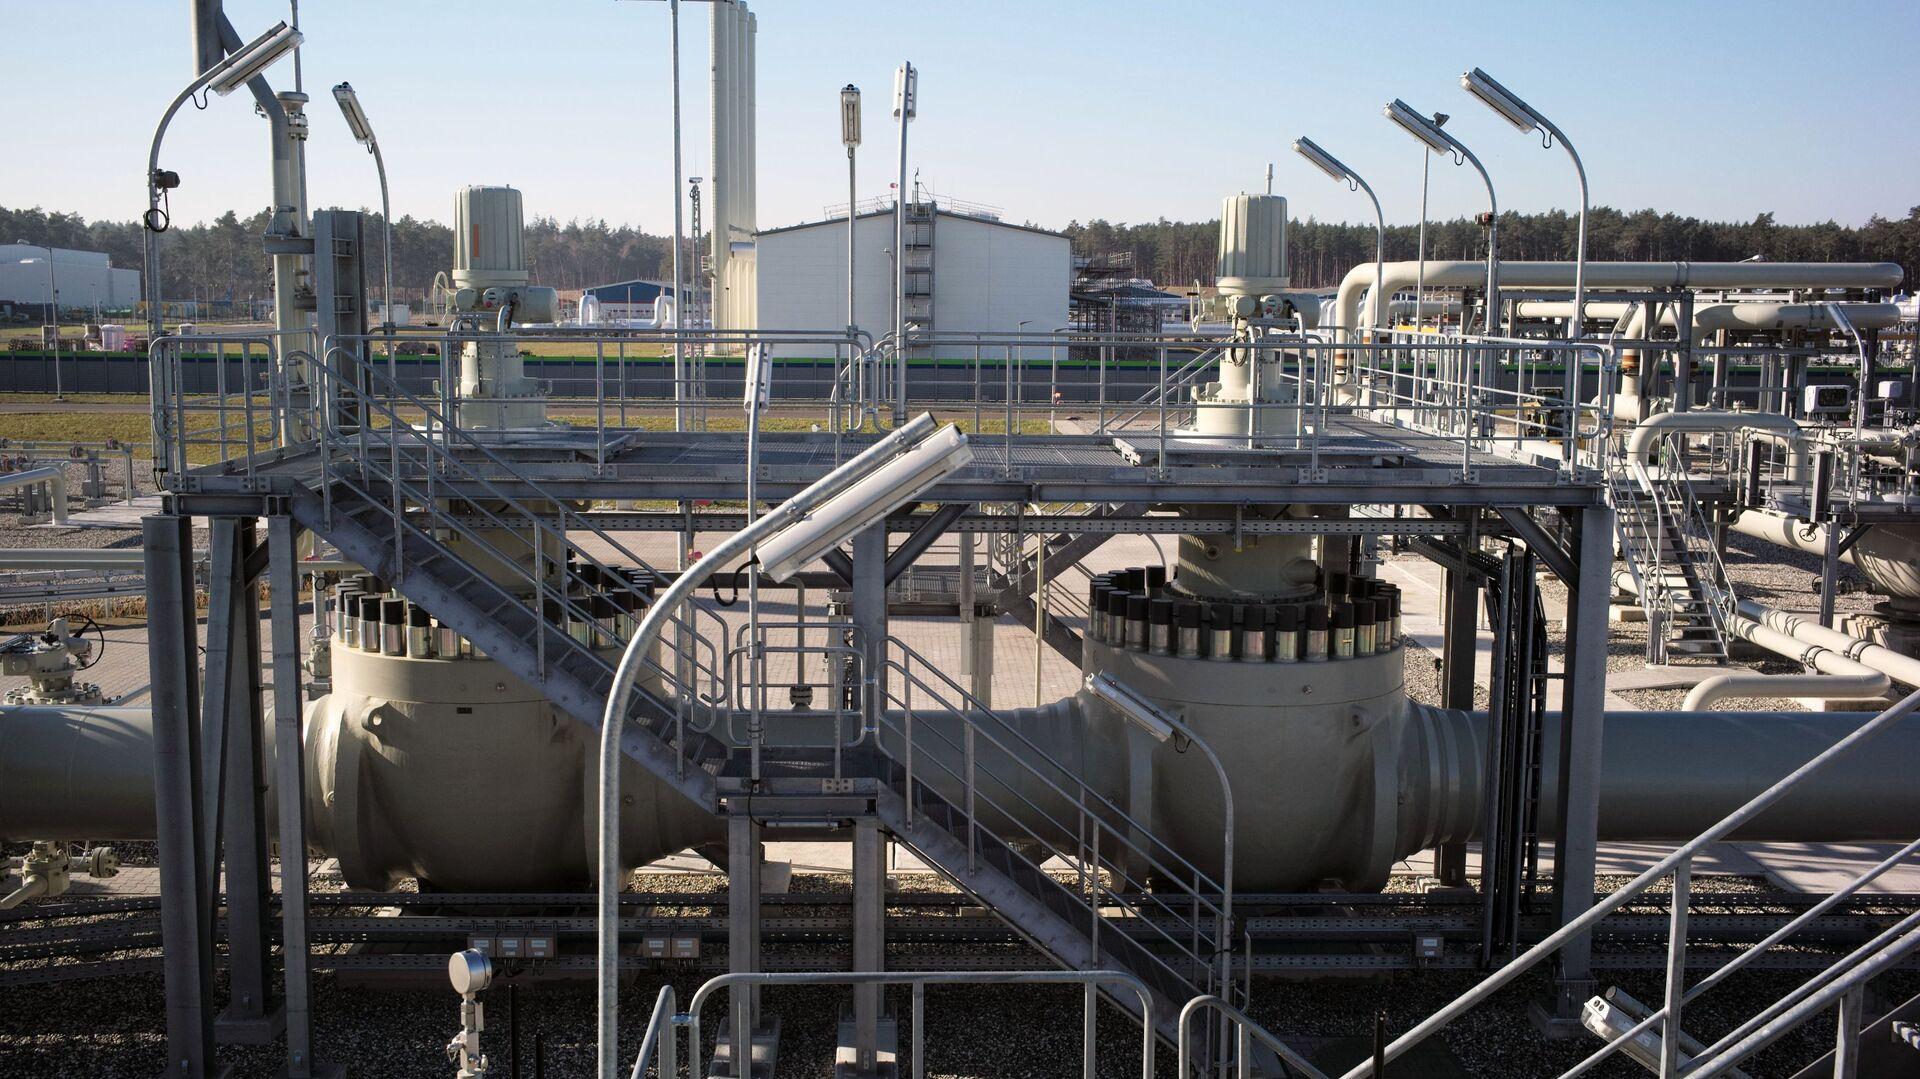 Береговые объекты газопровода Северный поток - 2 в городе Любмин в Германии - Sputnik Česká republika, 1920, 21.07.2021